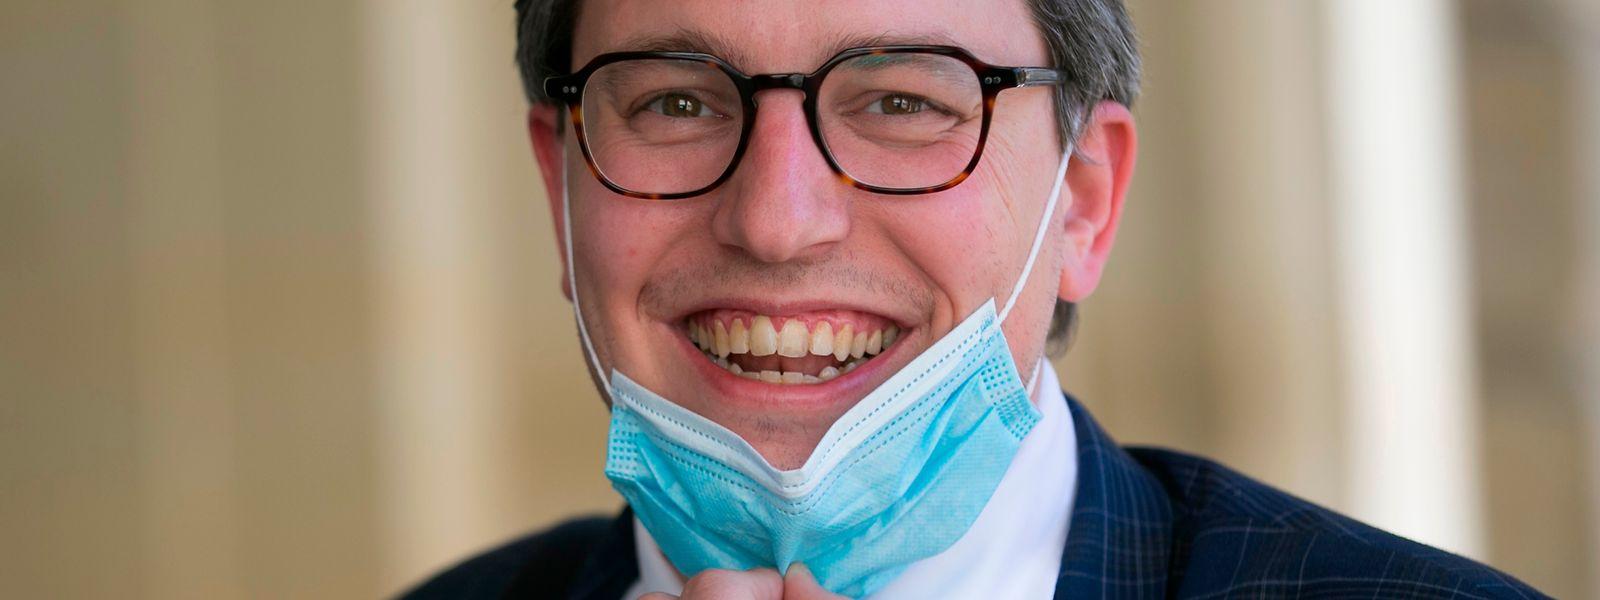 Pour Sven Clement (Piraten), le vrai débat derrière ces affaires sur la vaccination des membres de conseils d'administration tient dans le parachutage d'anciens hommes politiques à la tête d'établissement semi-public.